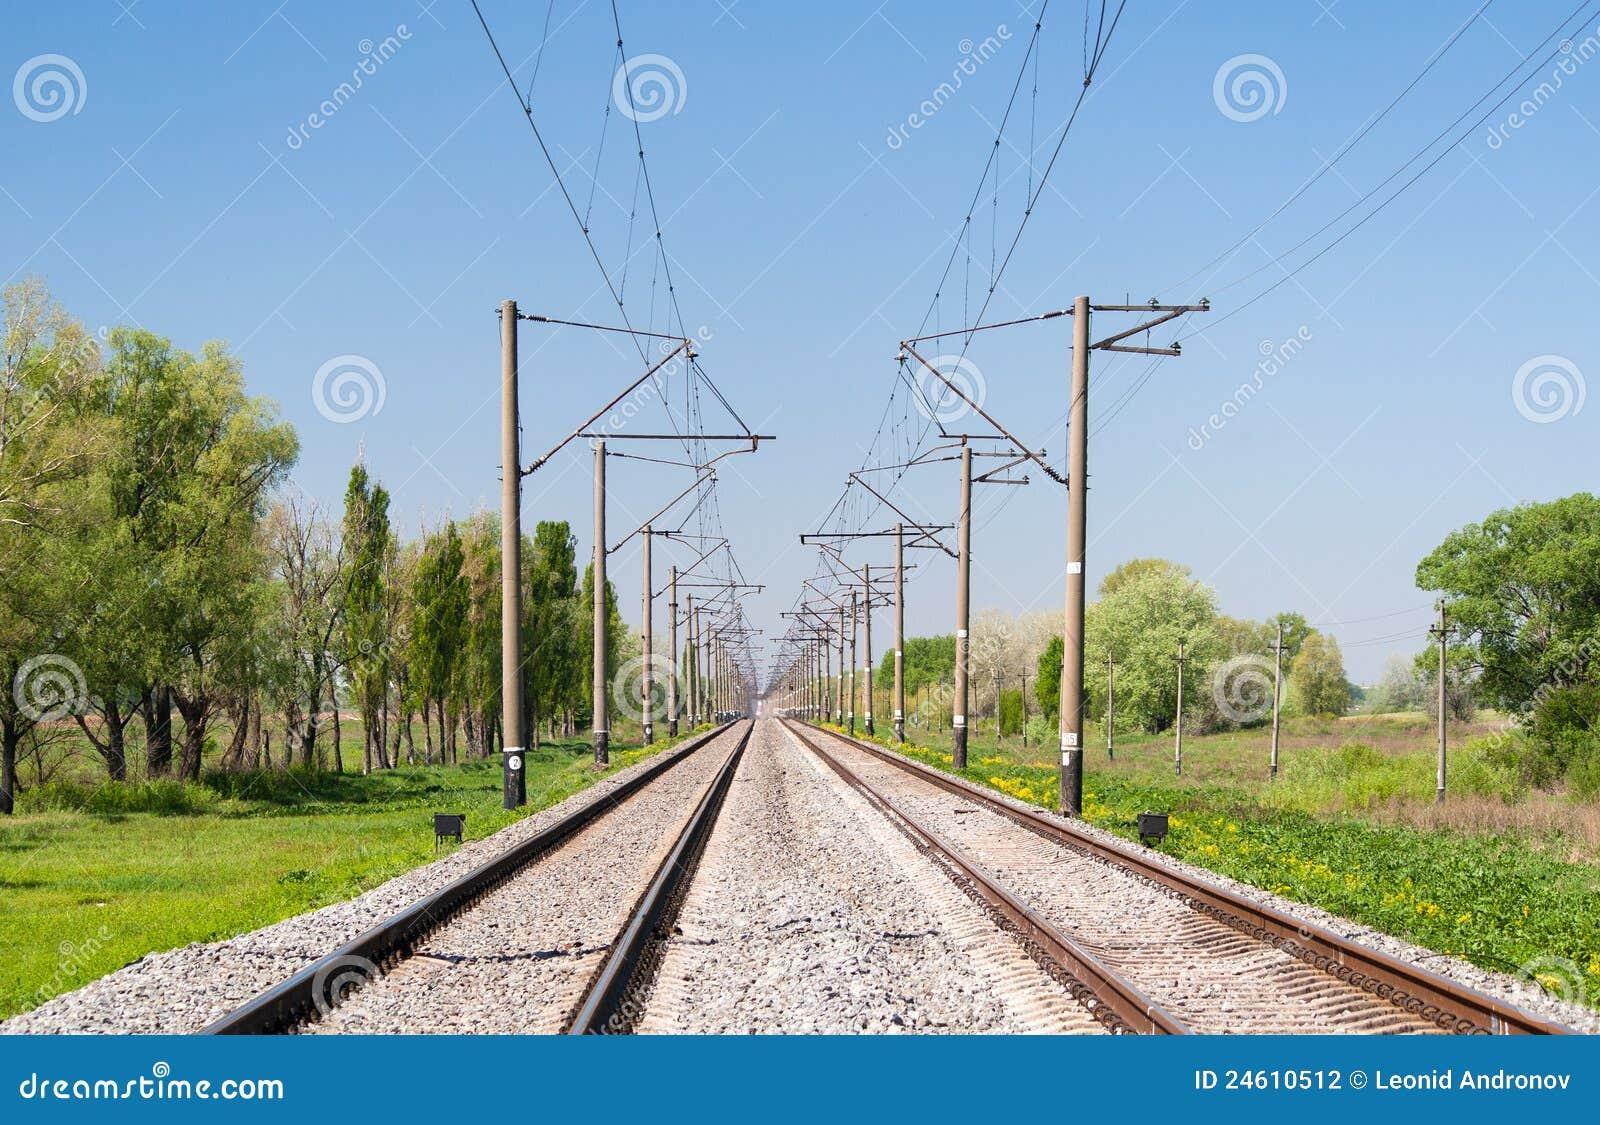 Línea ferroviaria electrificada de doble vía